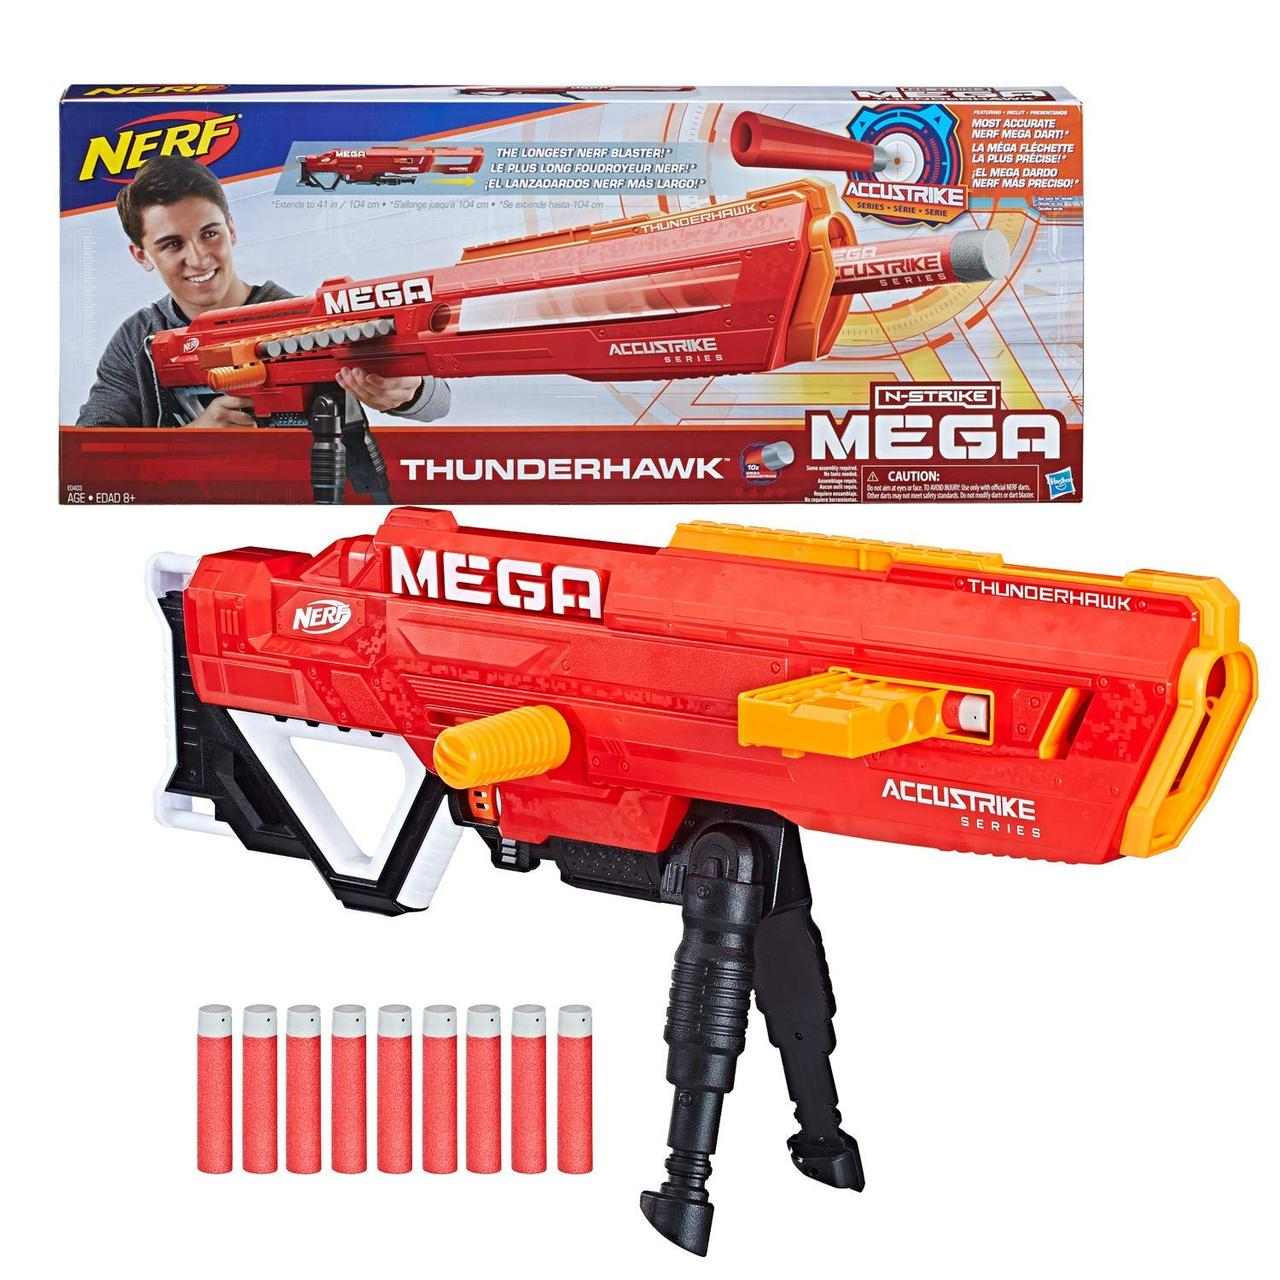 Бластер Нёрф Мега Акьюстрайк, самый длинный и точный бластер, Nerf Mega AccuStrike из США, фото 1